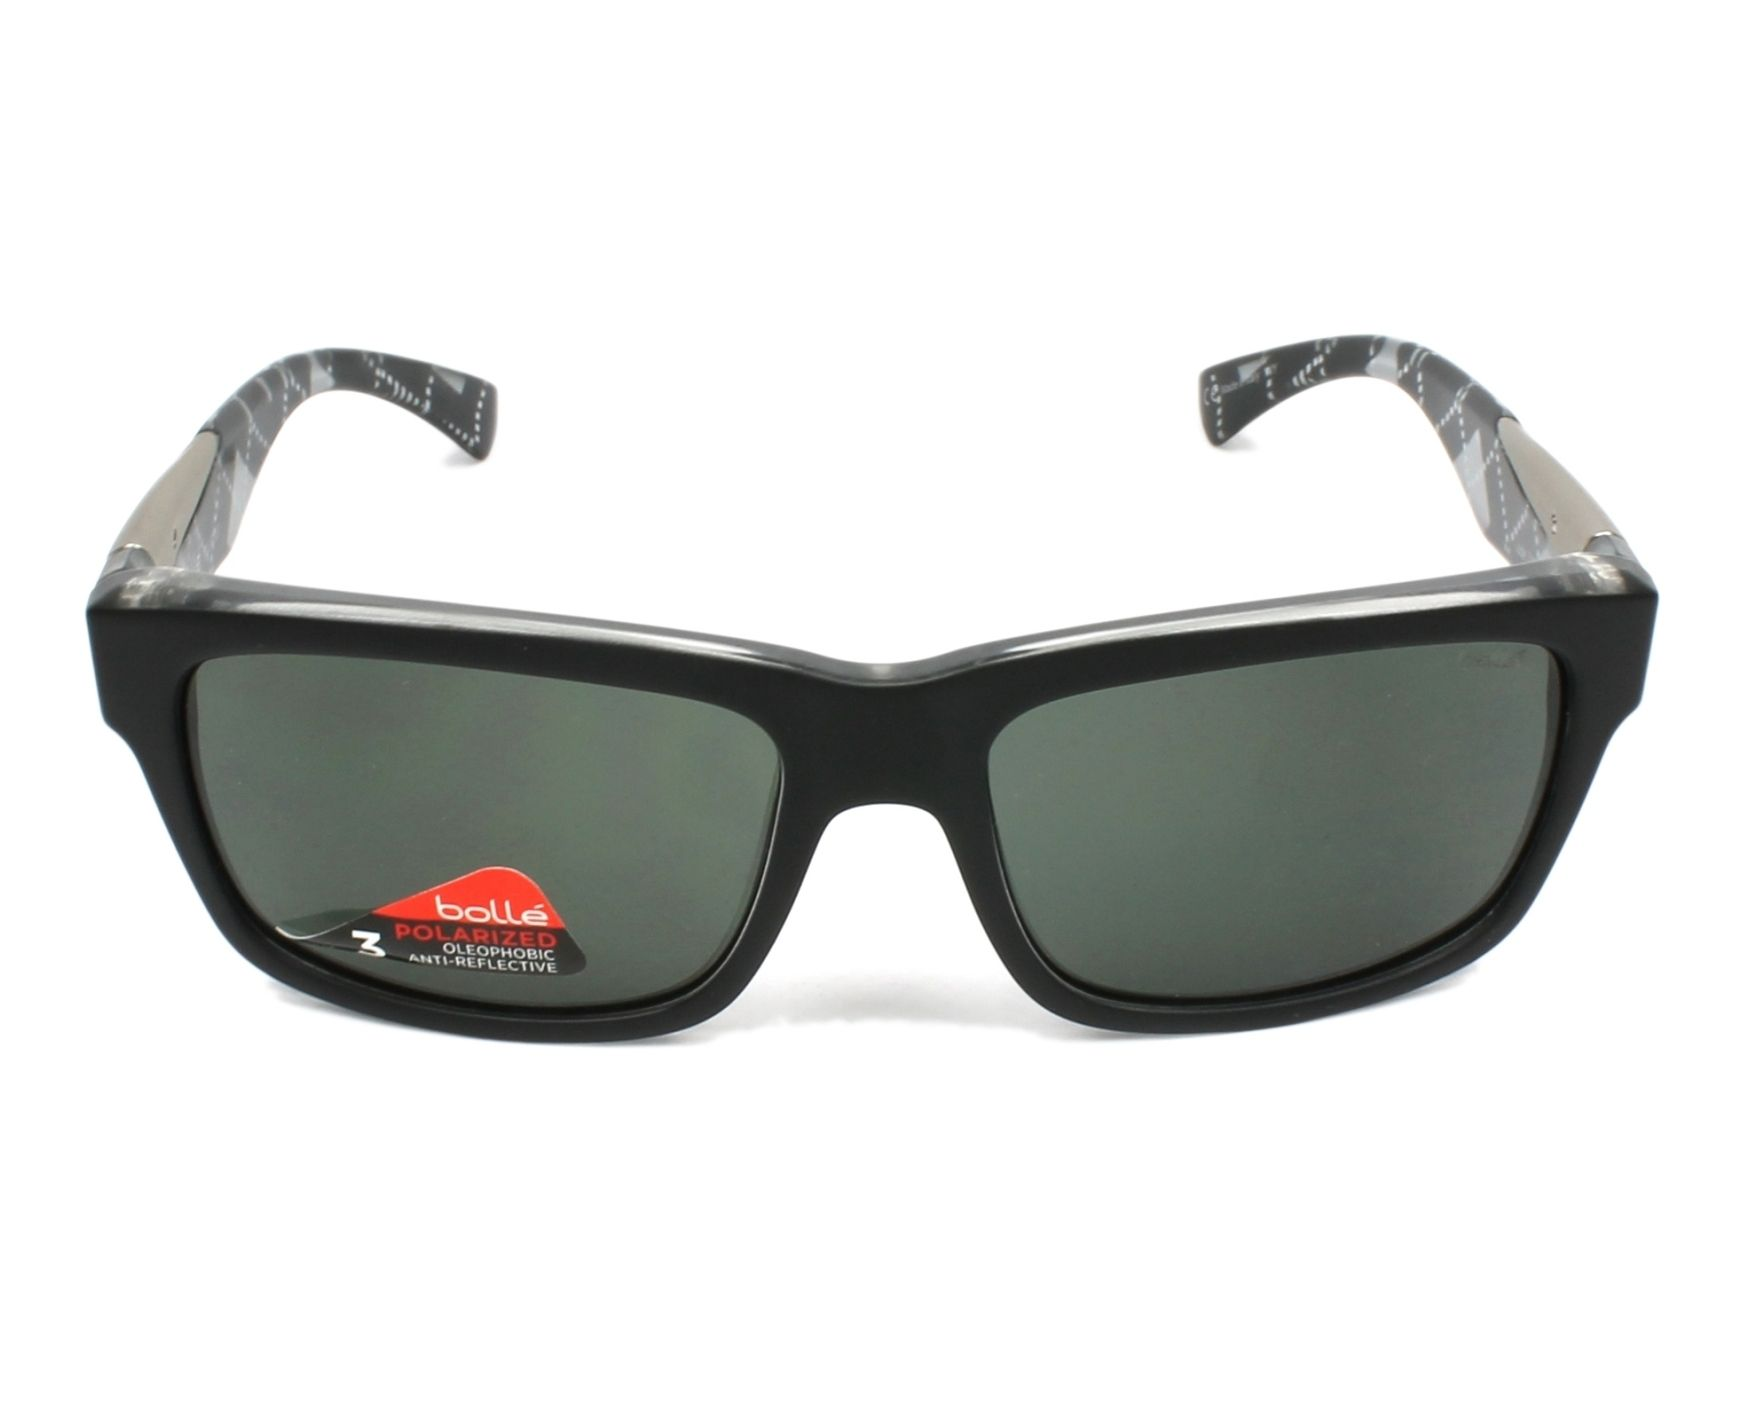 3ff12247c3 Gafas de sol Bollé JUDE 11833 - Negra Cristal vista de frente